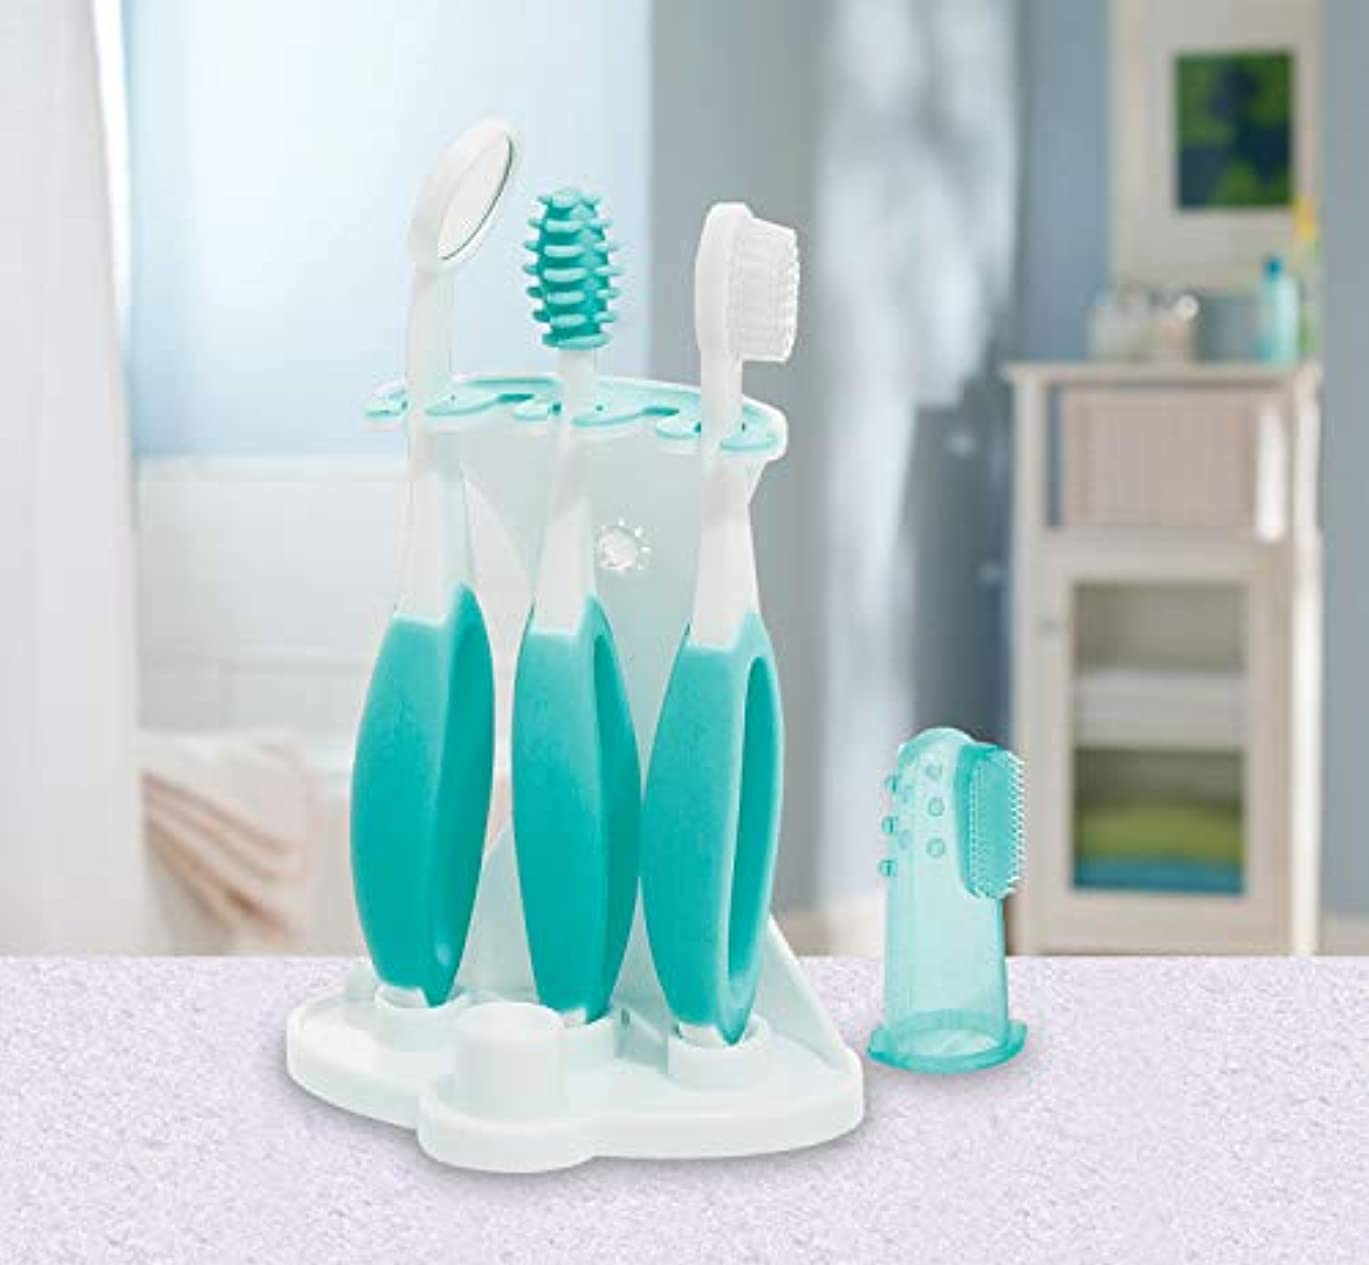 メイド哲学者泥だらけSummer Infant, Oral Care Kit, 5 Piece Kit